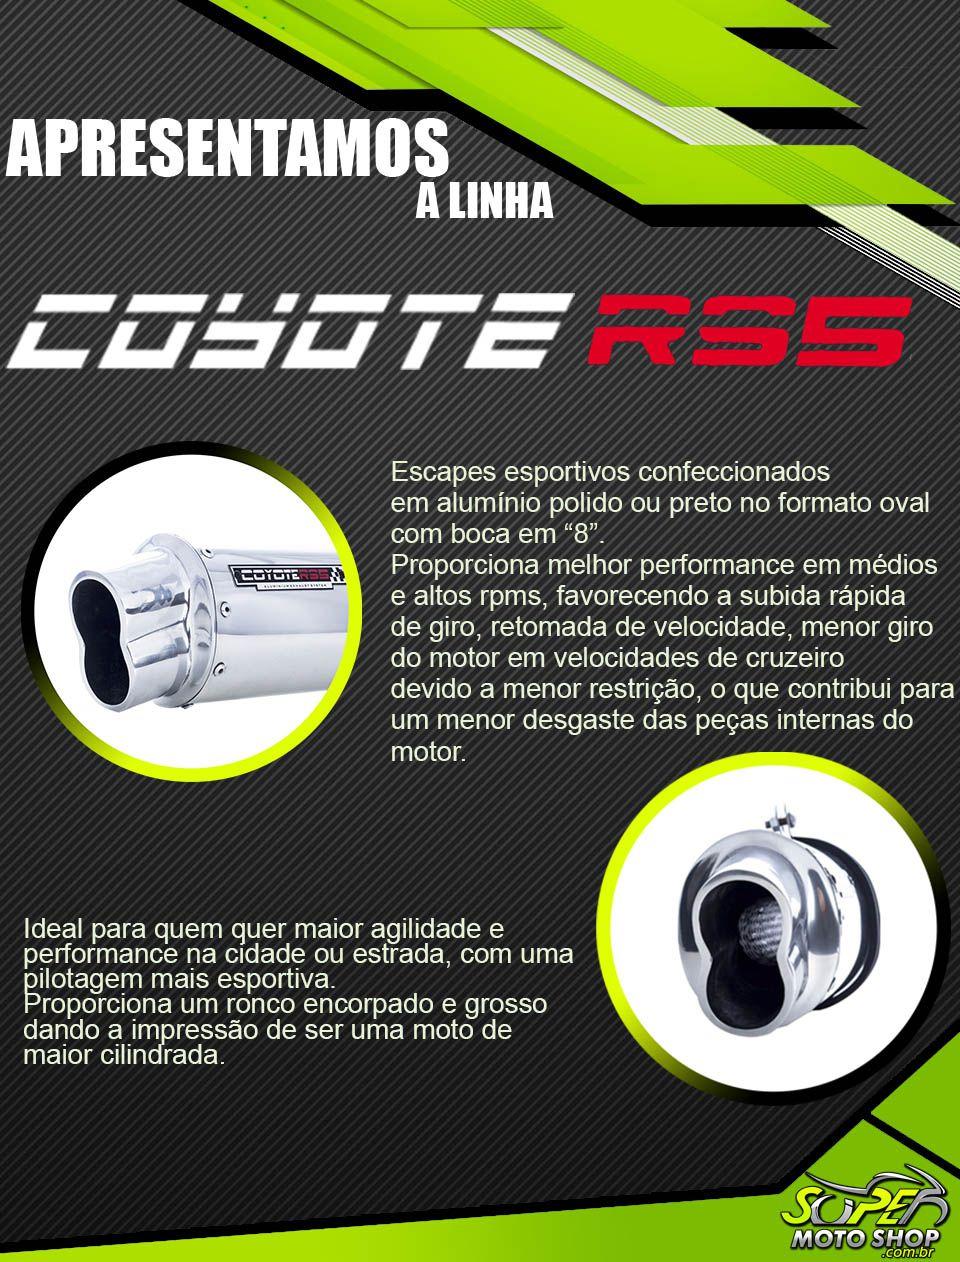 Escape / Ponteira Coyote RS5 Boca 8 Aluminio Oval - XR Tornado 250 ano 2007/2008 - Honda